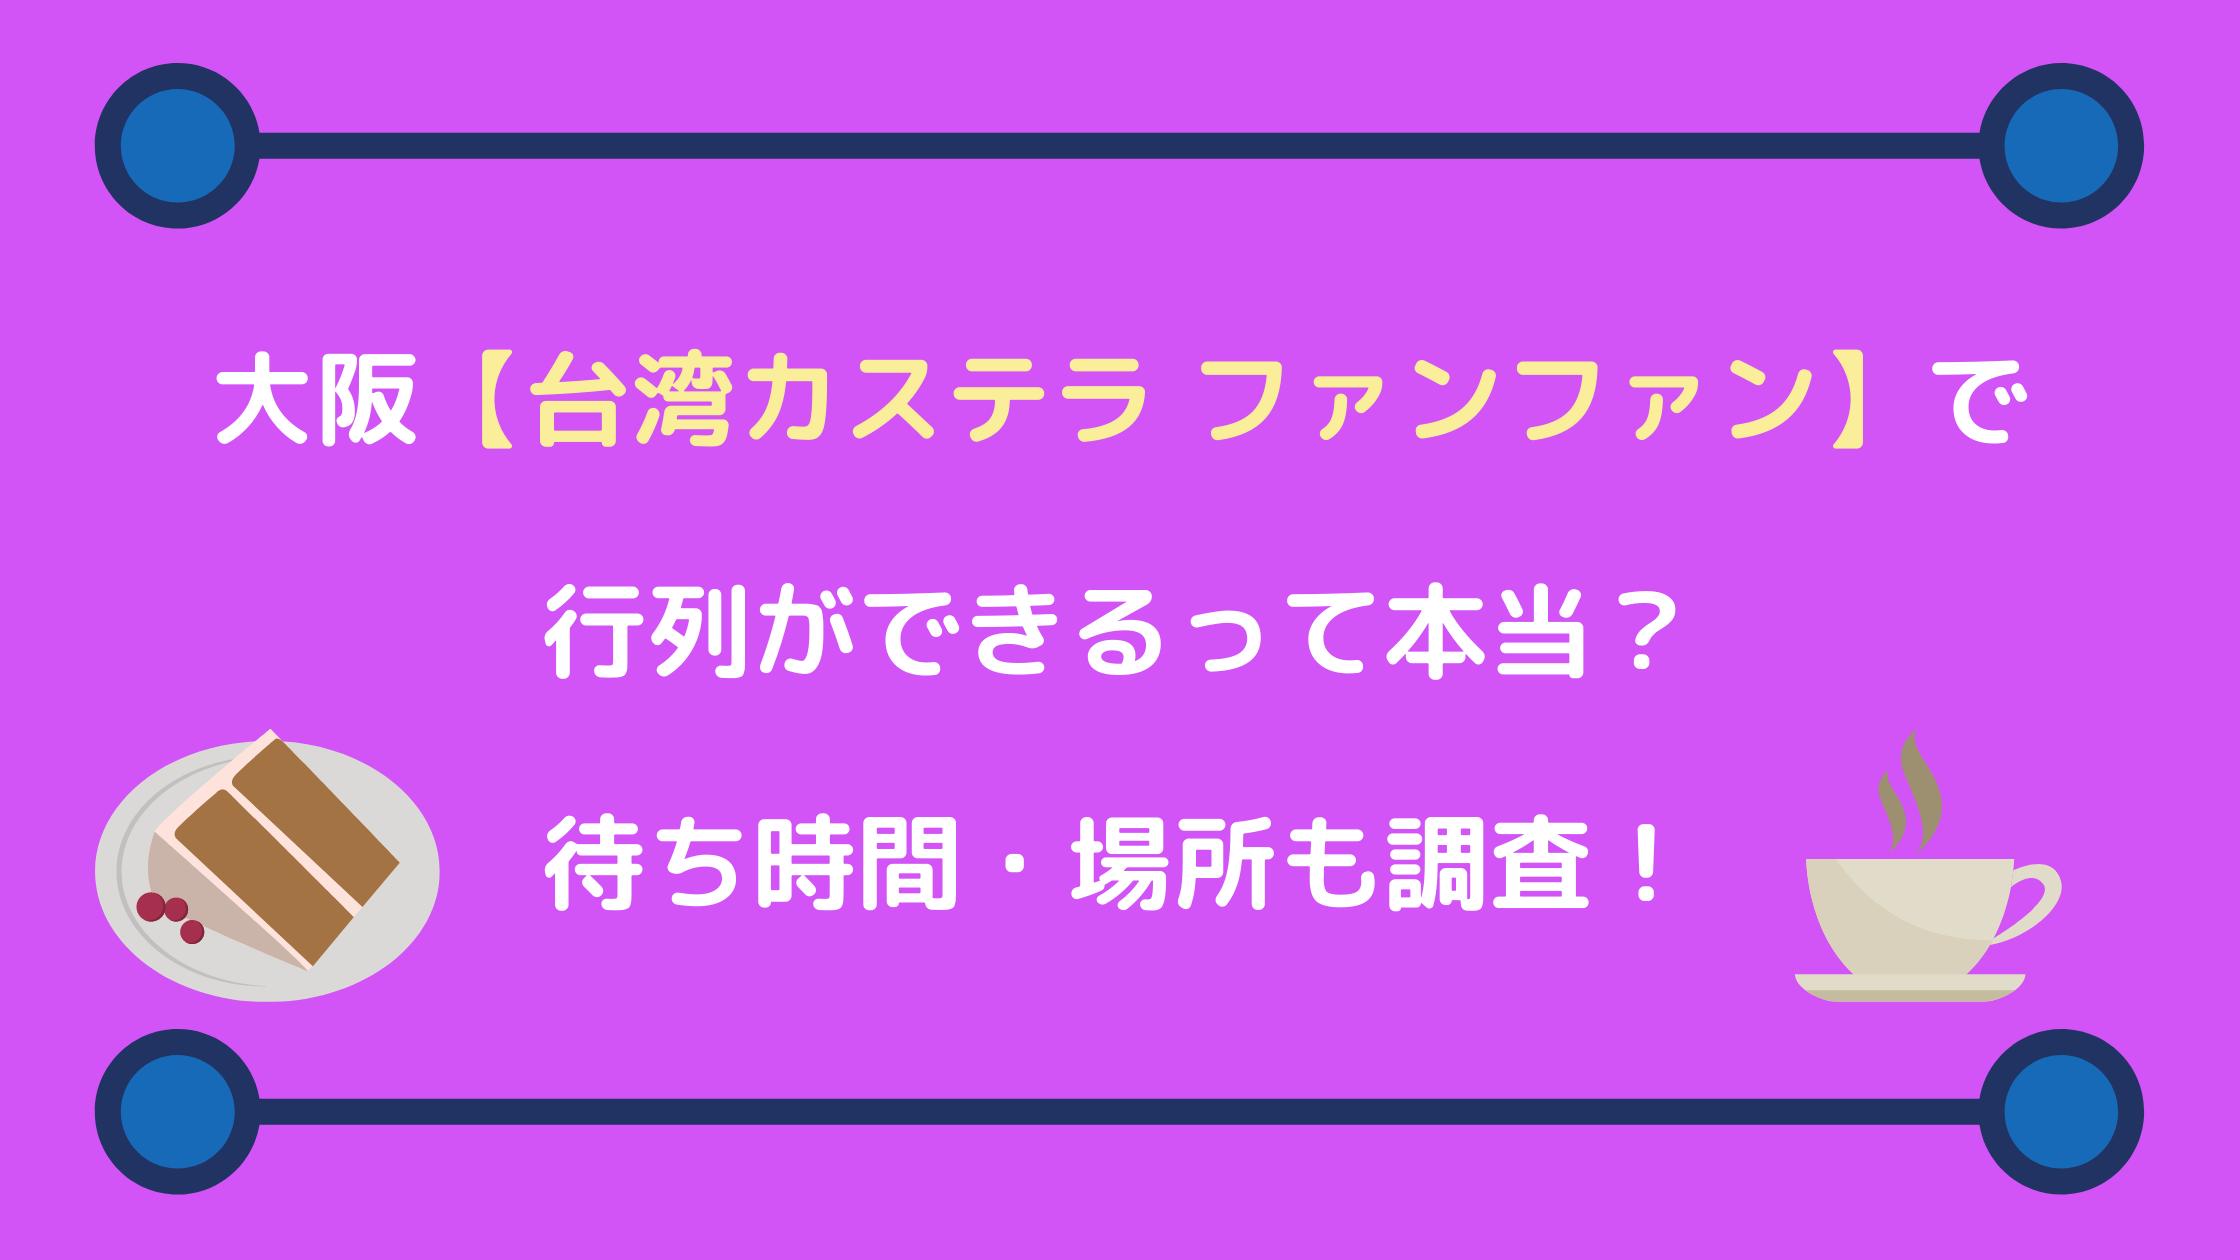 大阪【台湾カステラ ファンファン】行列ができるって本当?待ち時間・場所も調査!